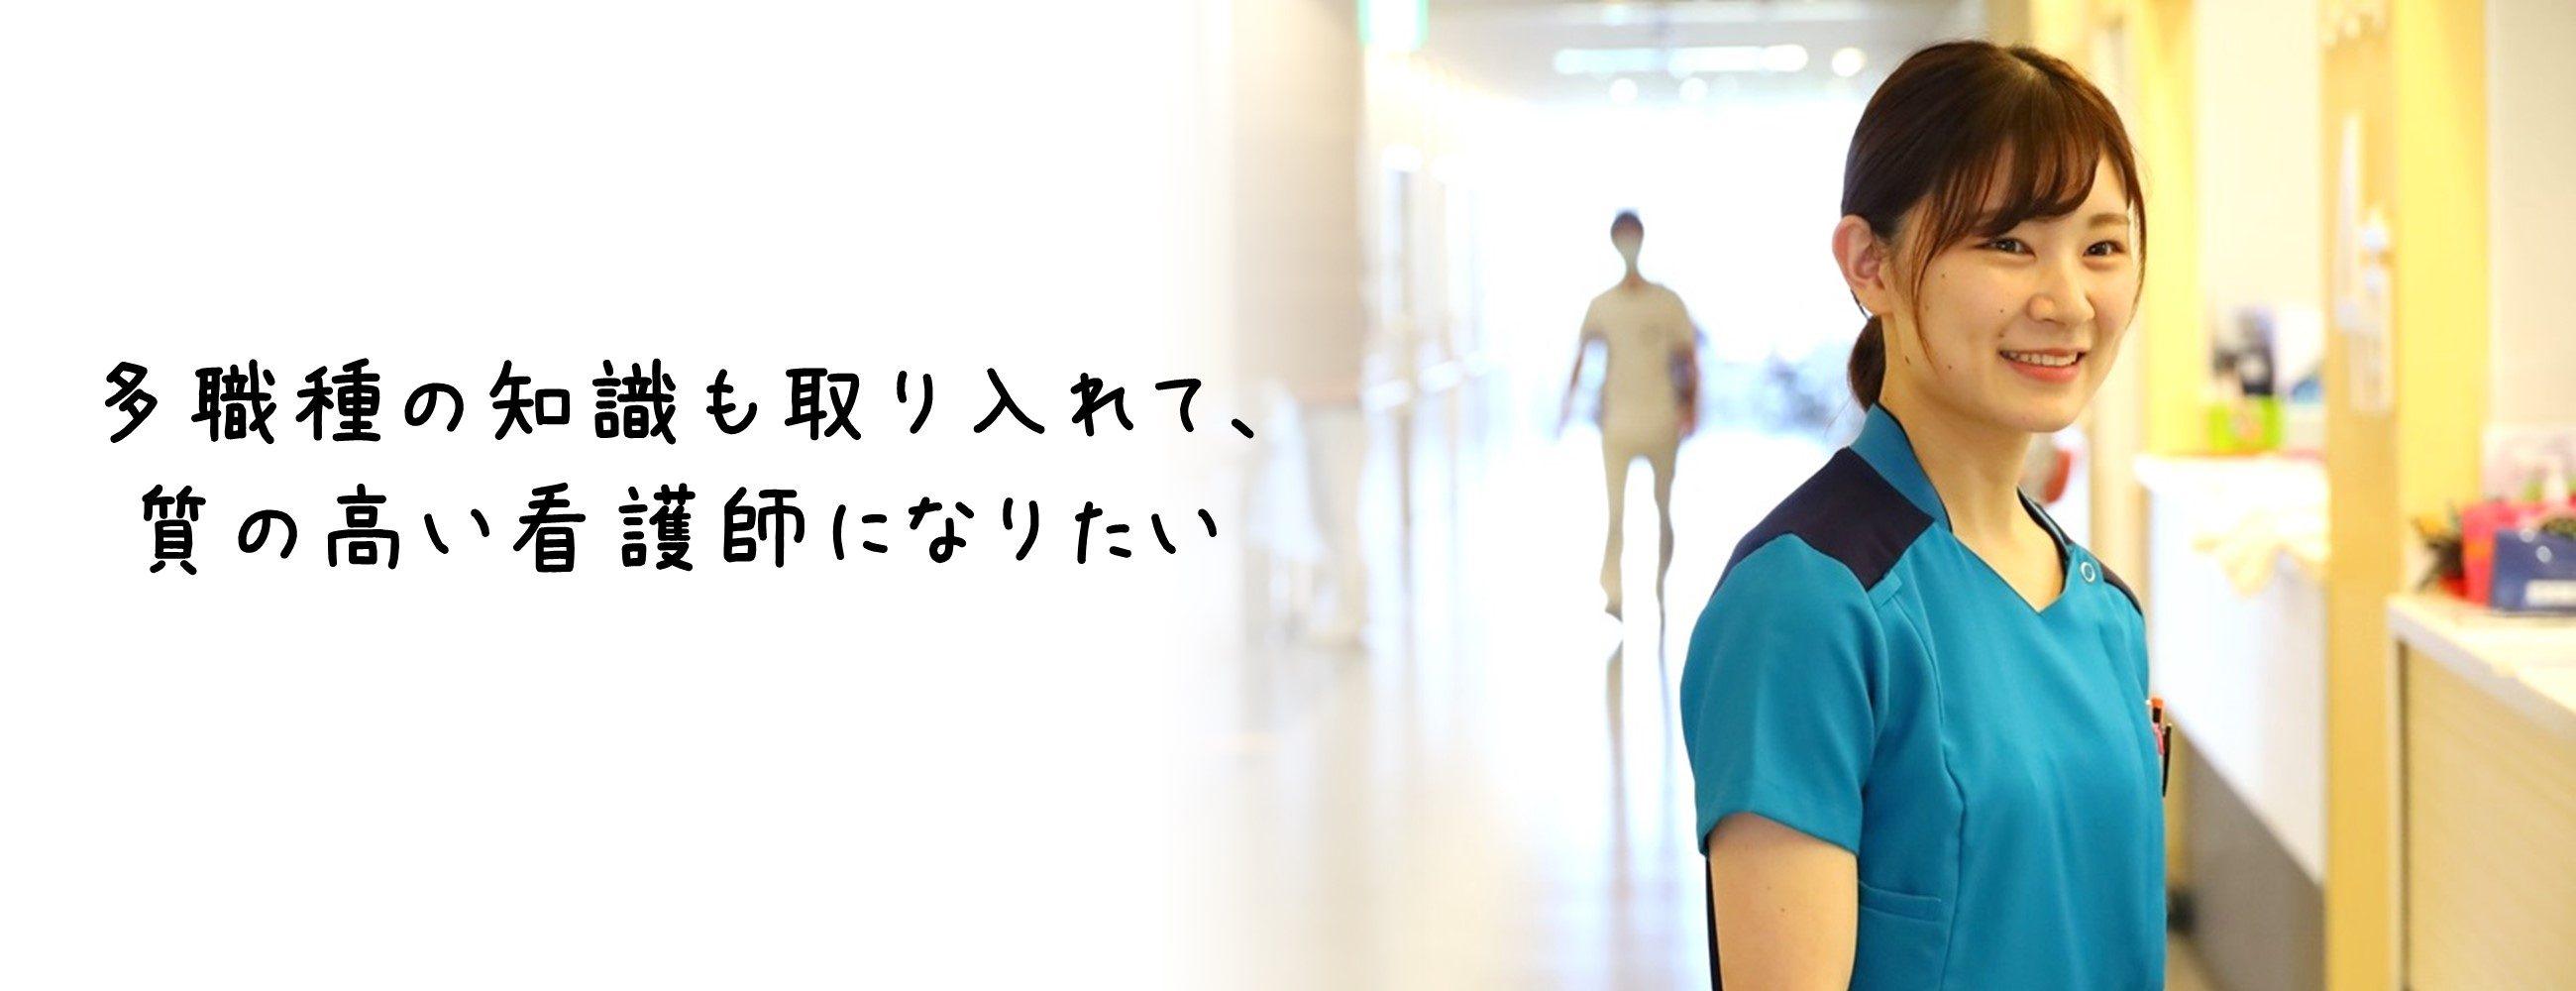 看護師 2年目(病院)